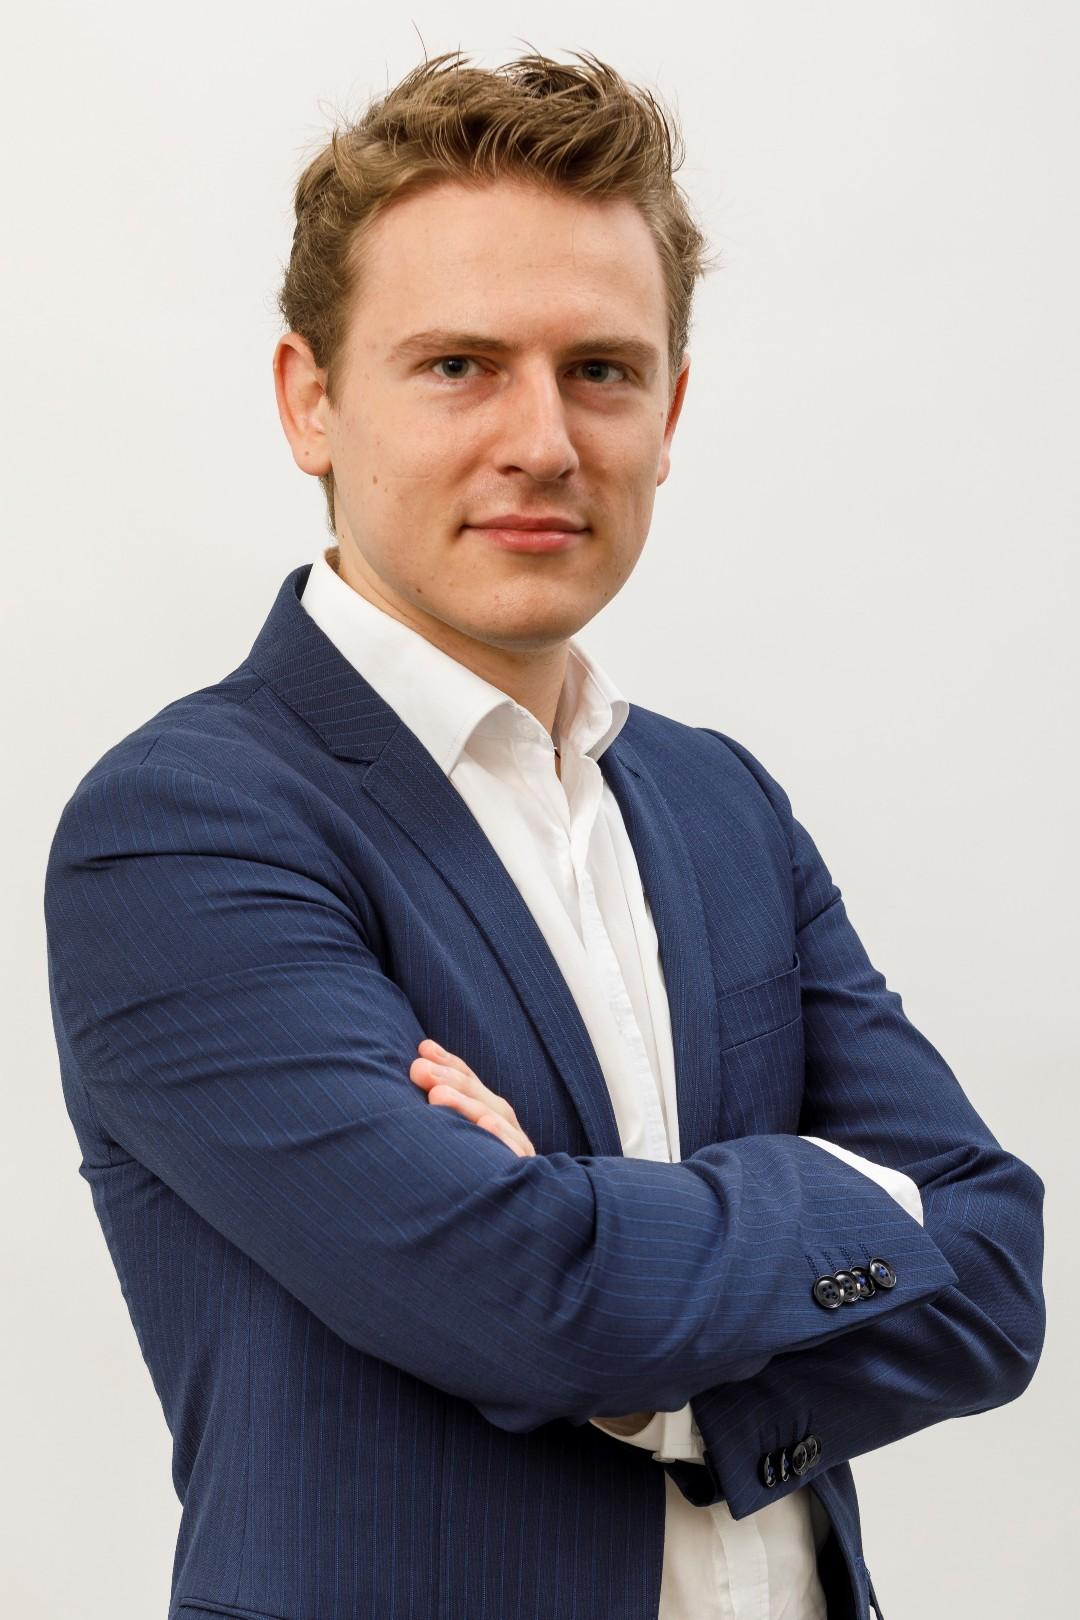 foto van de spreker Pieter-Jan Wouters